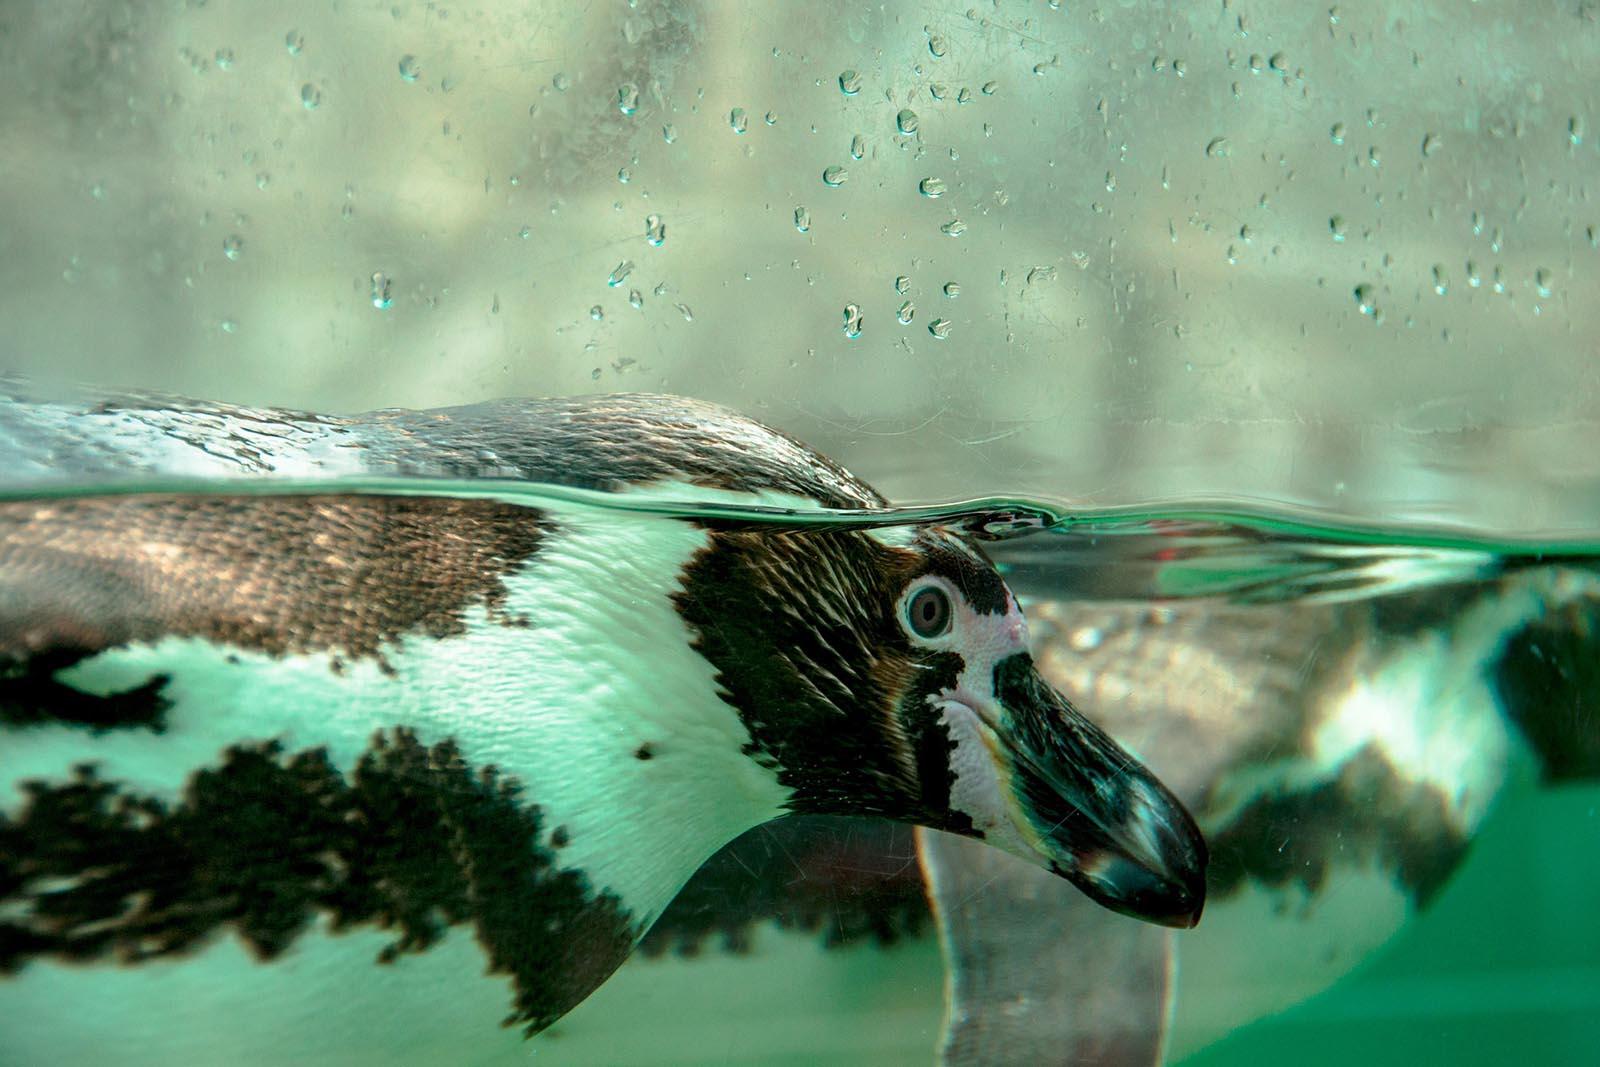 Pinguine in den Spreewelten: Helfen Sie, das Leid zu beenden!